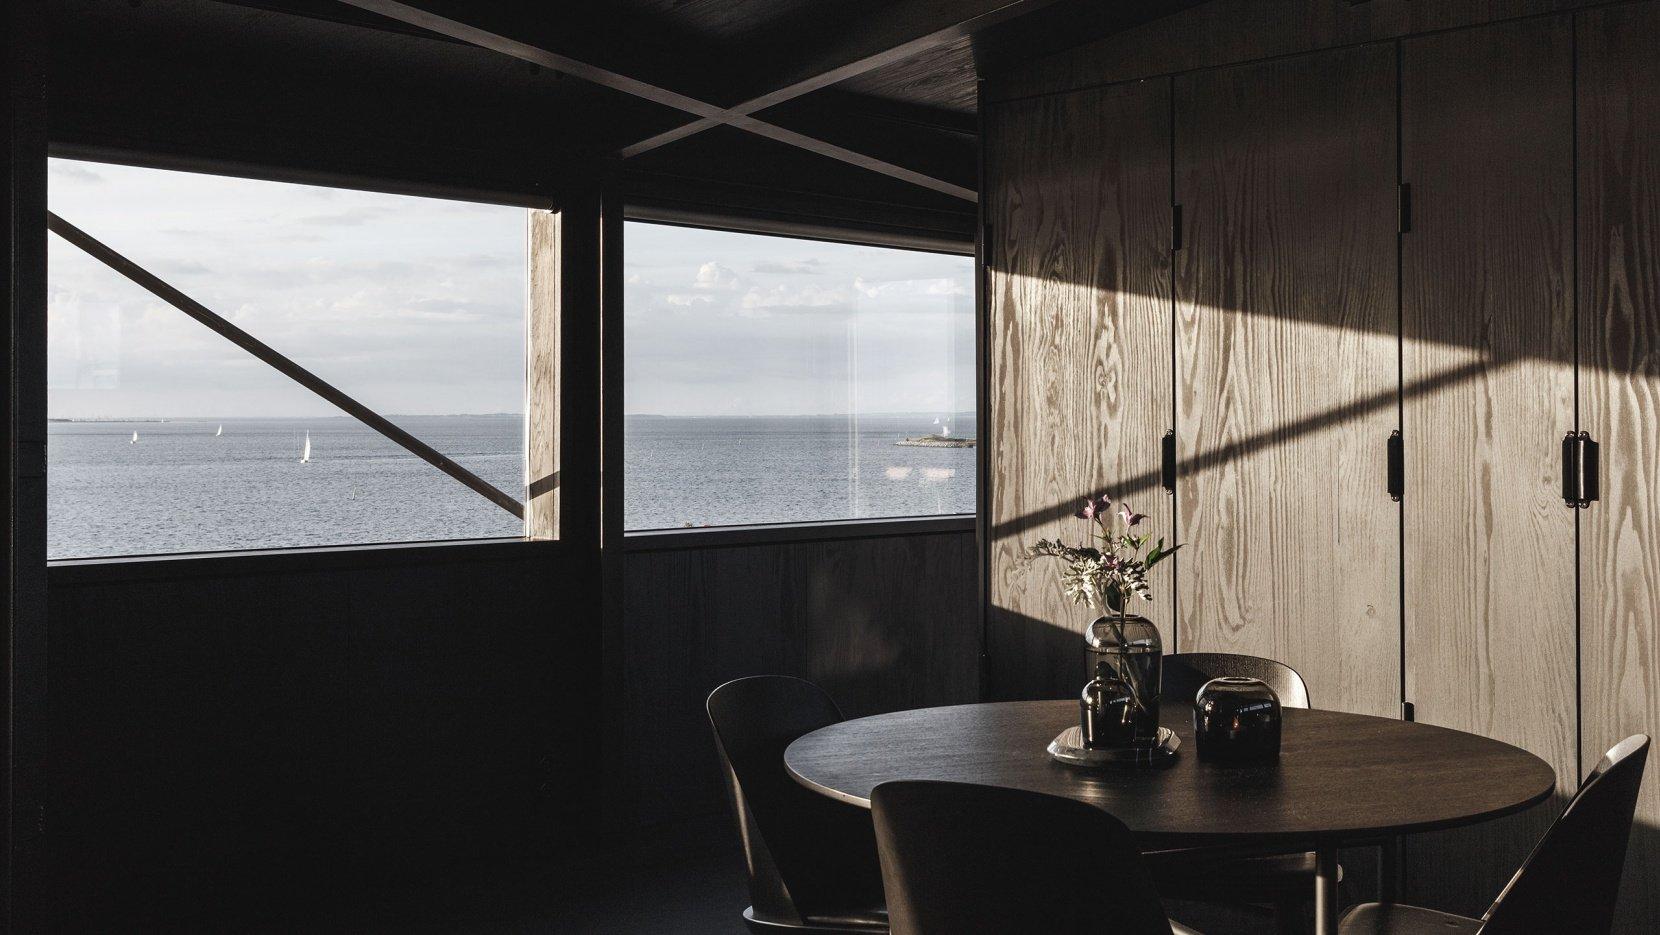 The krane: a private retreat inside an industrial crane in